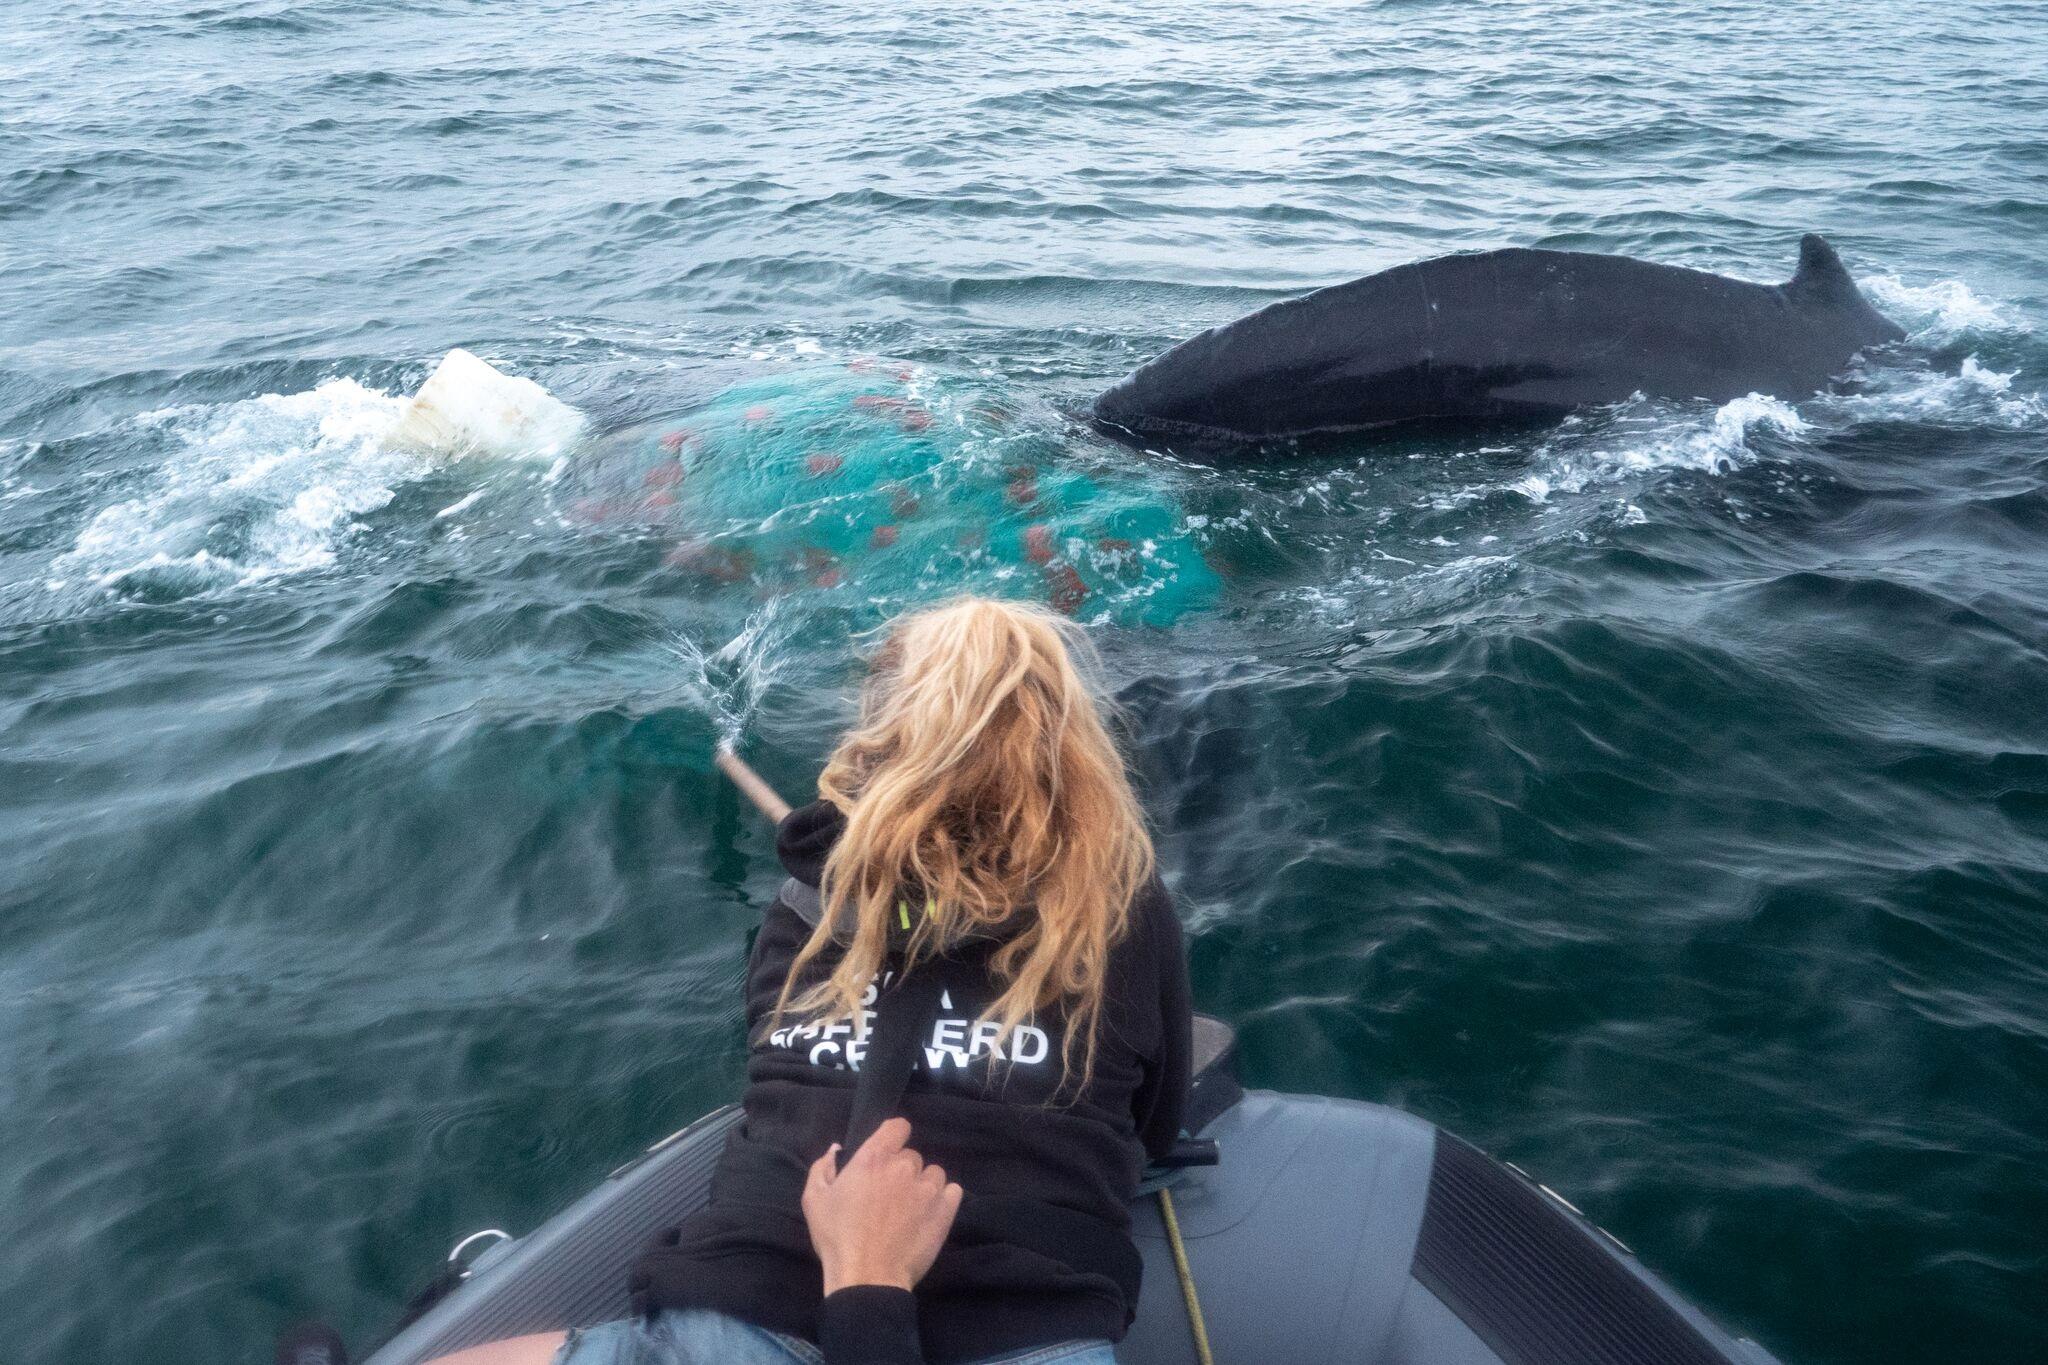 Μοντέλο σε αποστολή του πληθυσμού της φάλαινας μπελούγκα